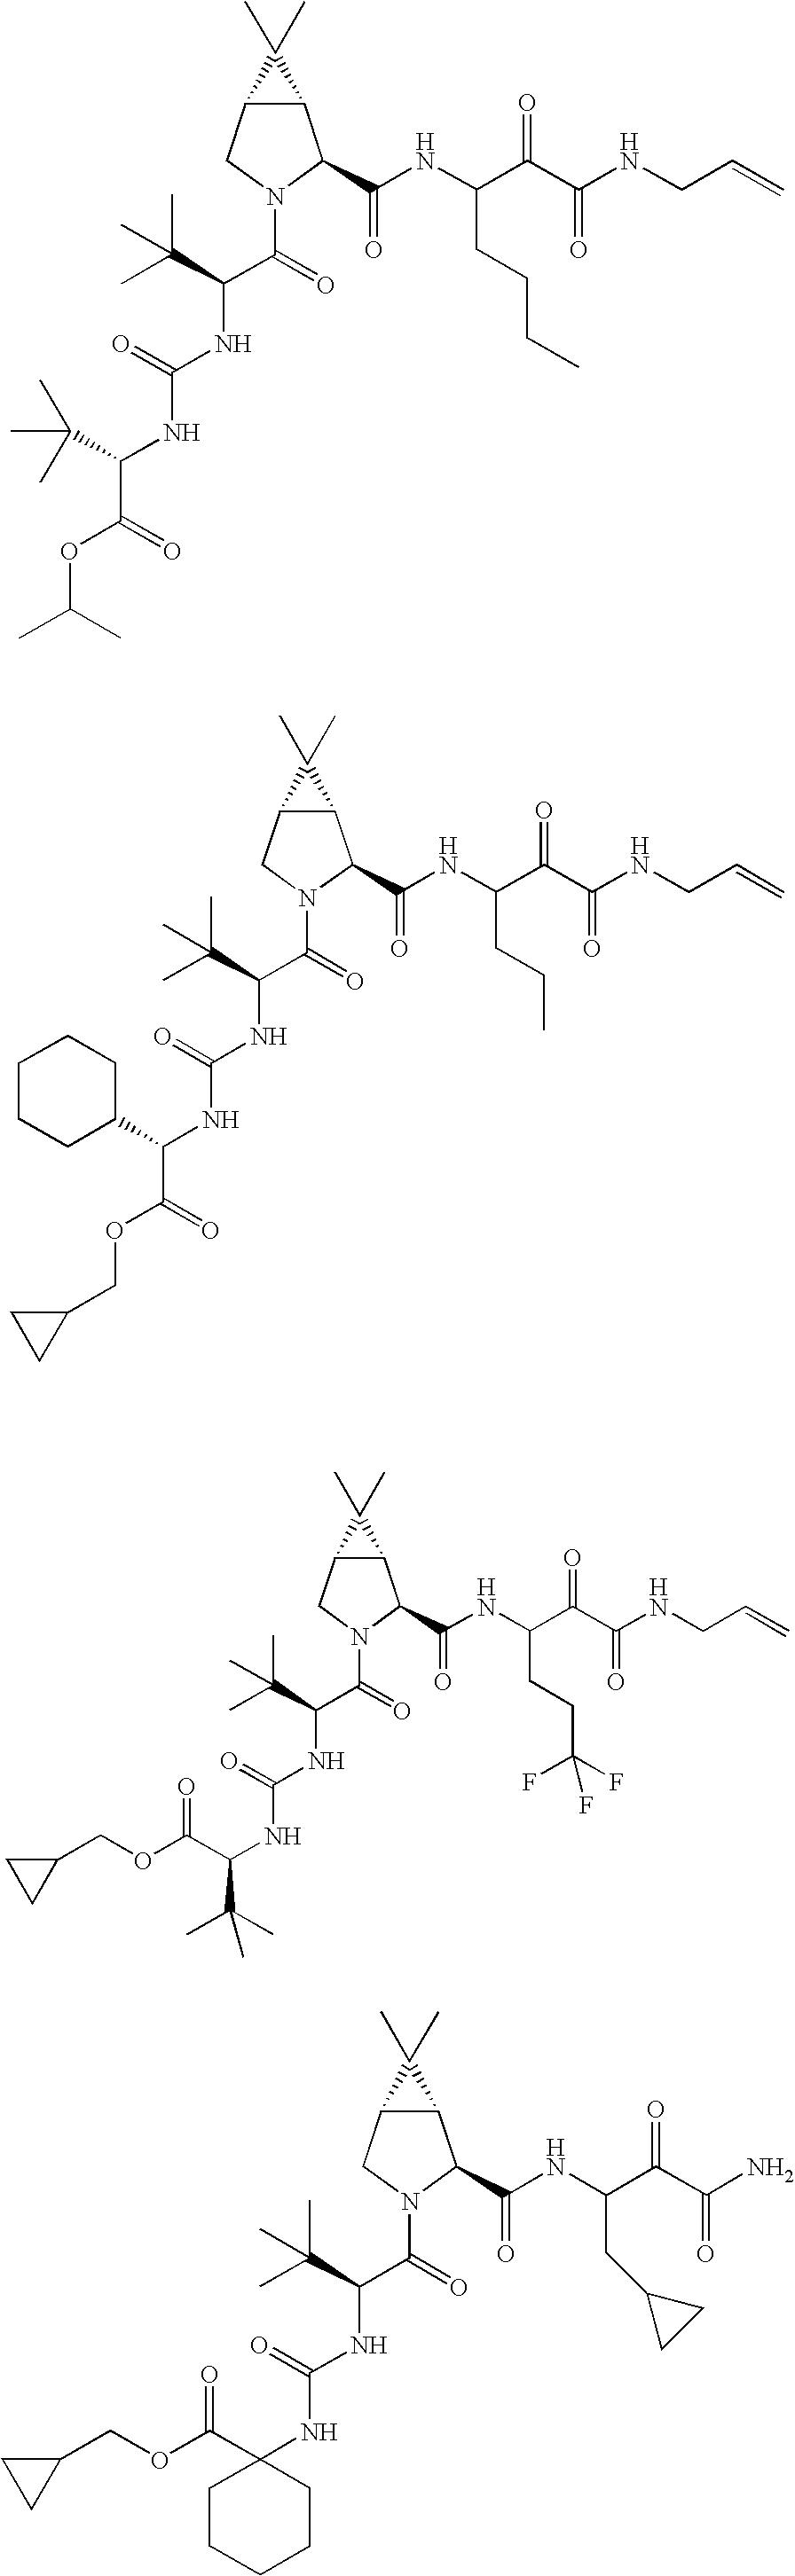 Figure US20060287248A1-20061221-C00285